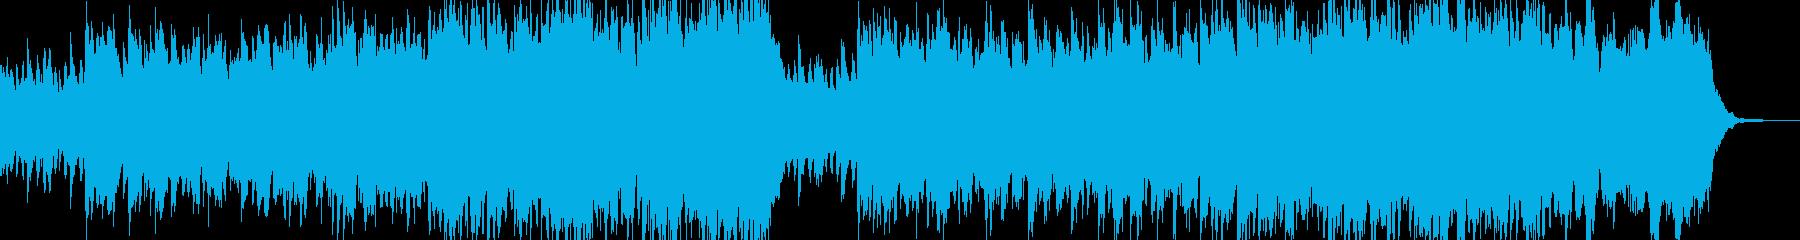 奇妙で陰気なダークサウンドの再生済みの波形